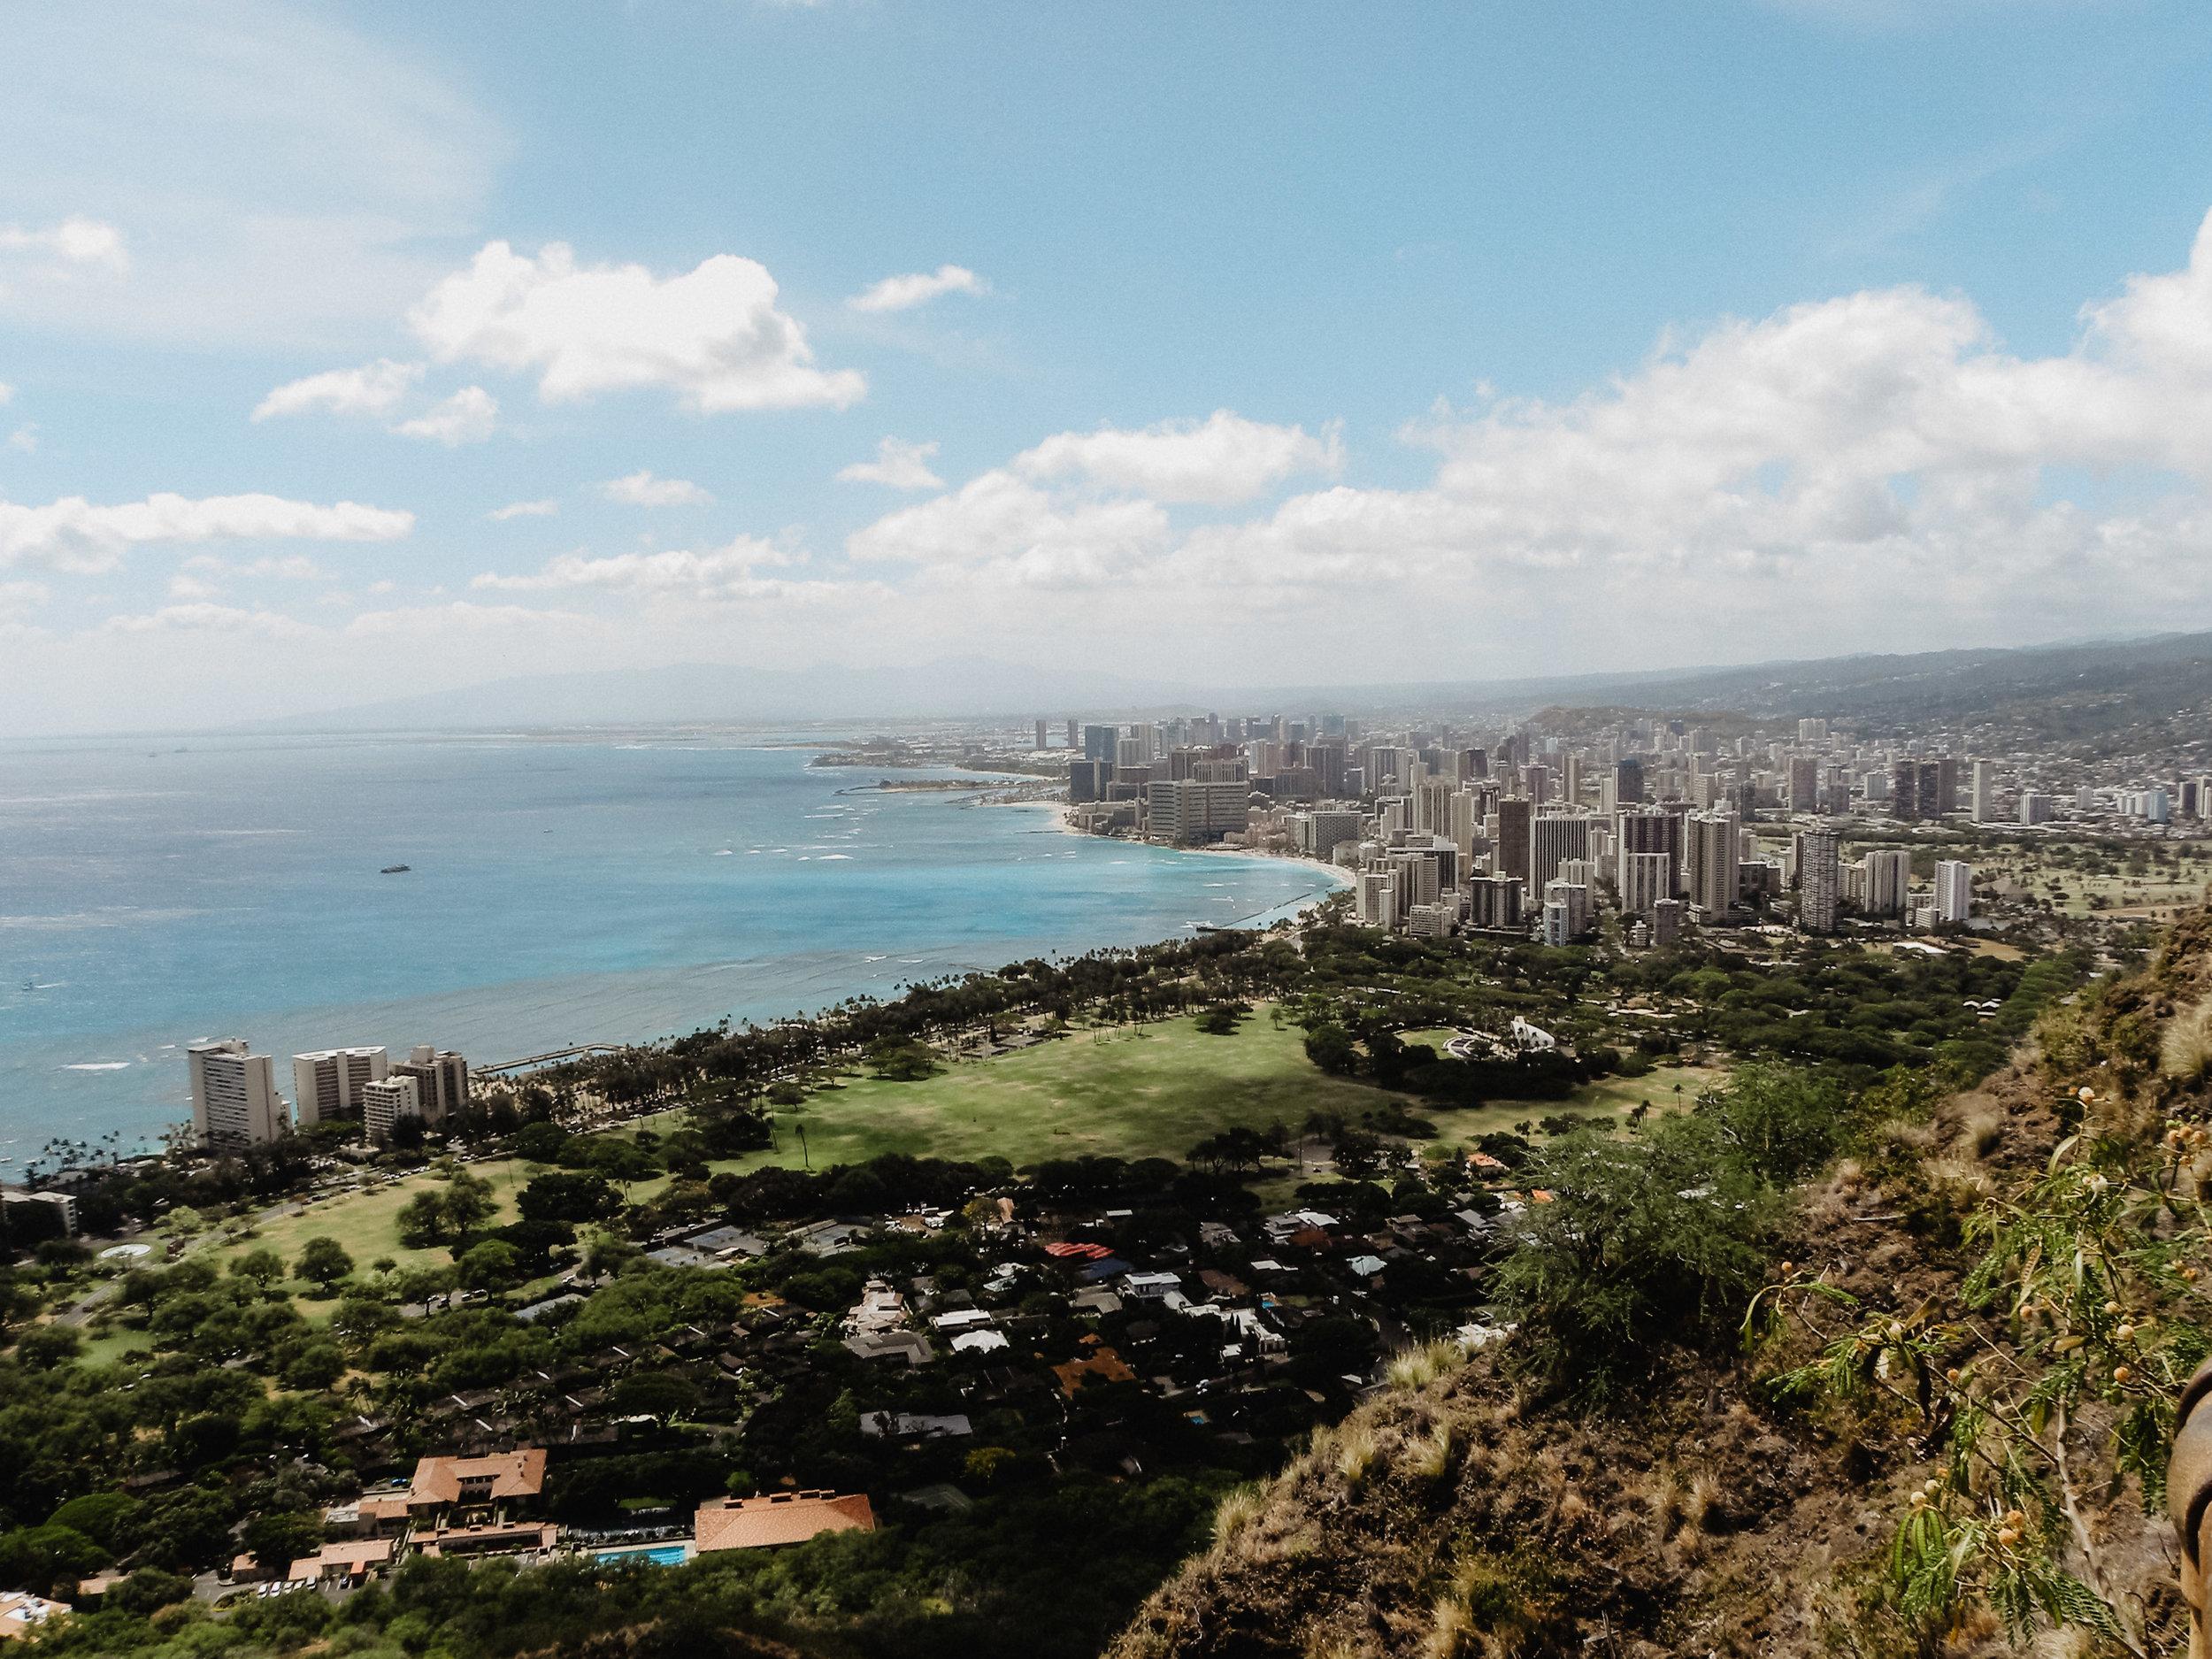 HAWAII - COMING SOON!